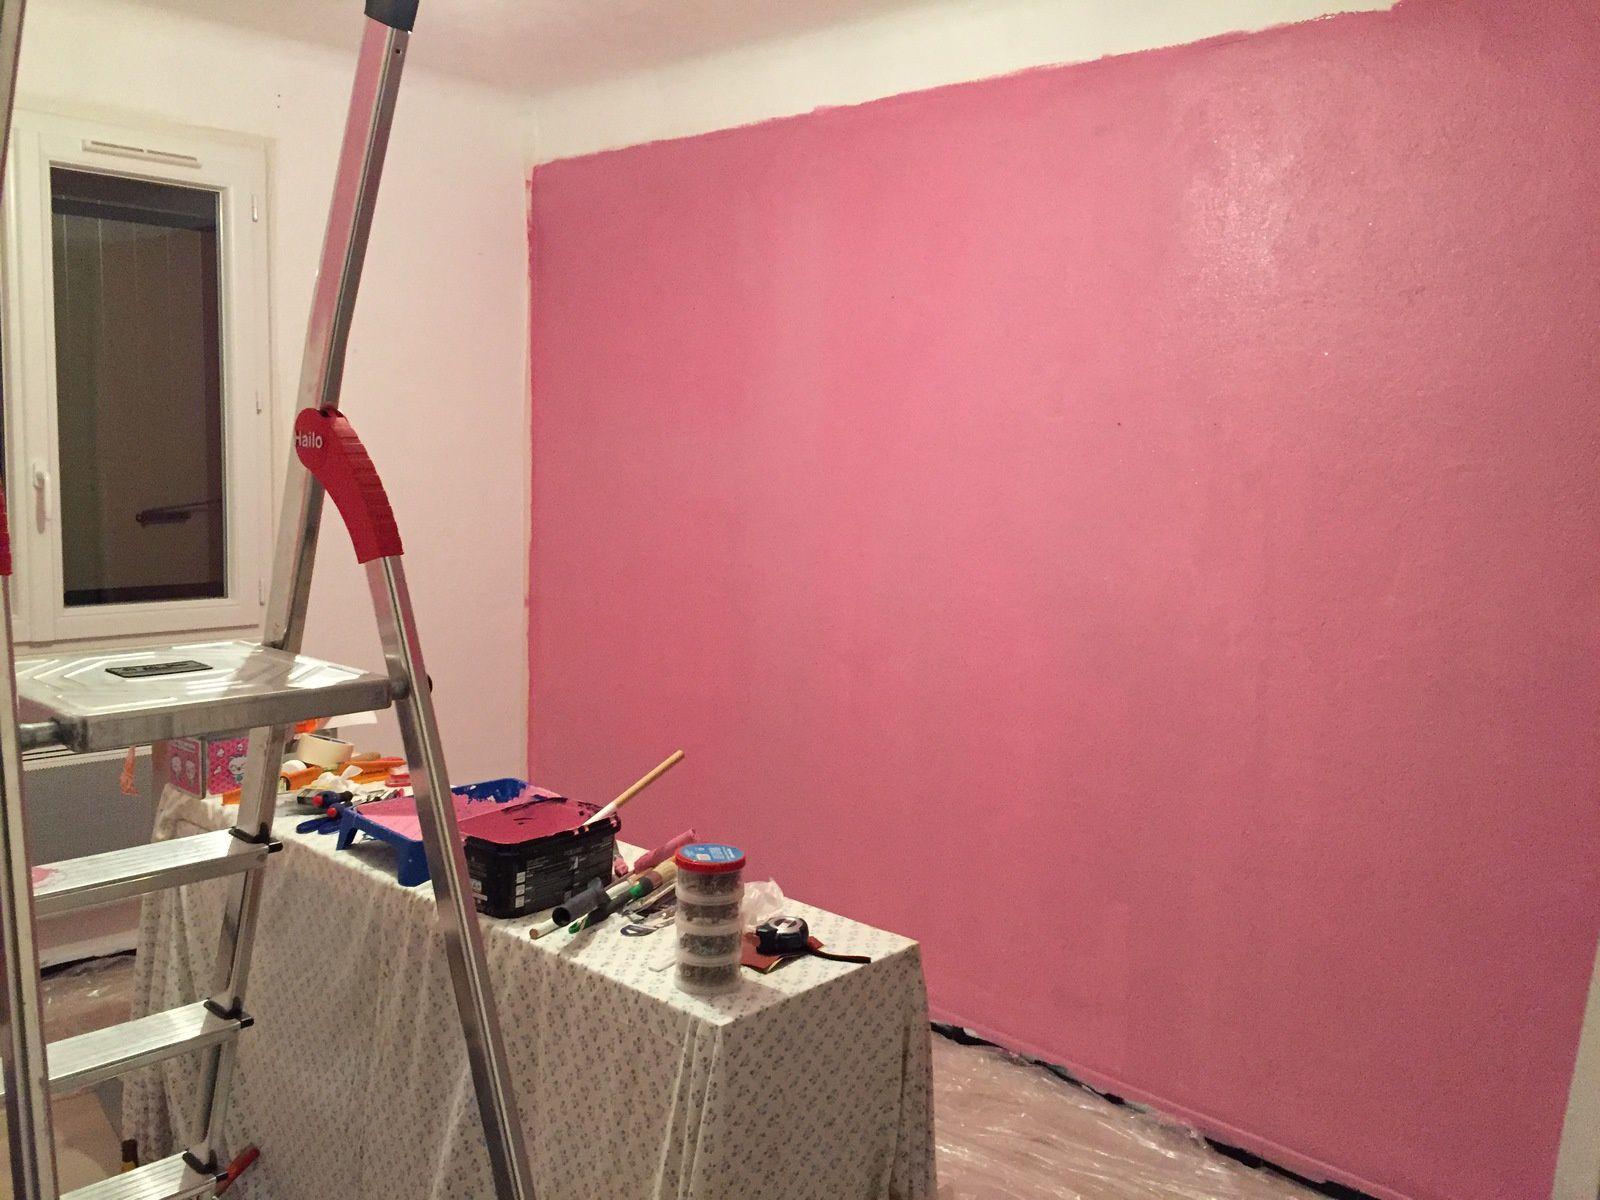 2. Finir la peinture de la chambre avec plein de paillettes